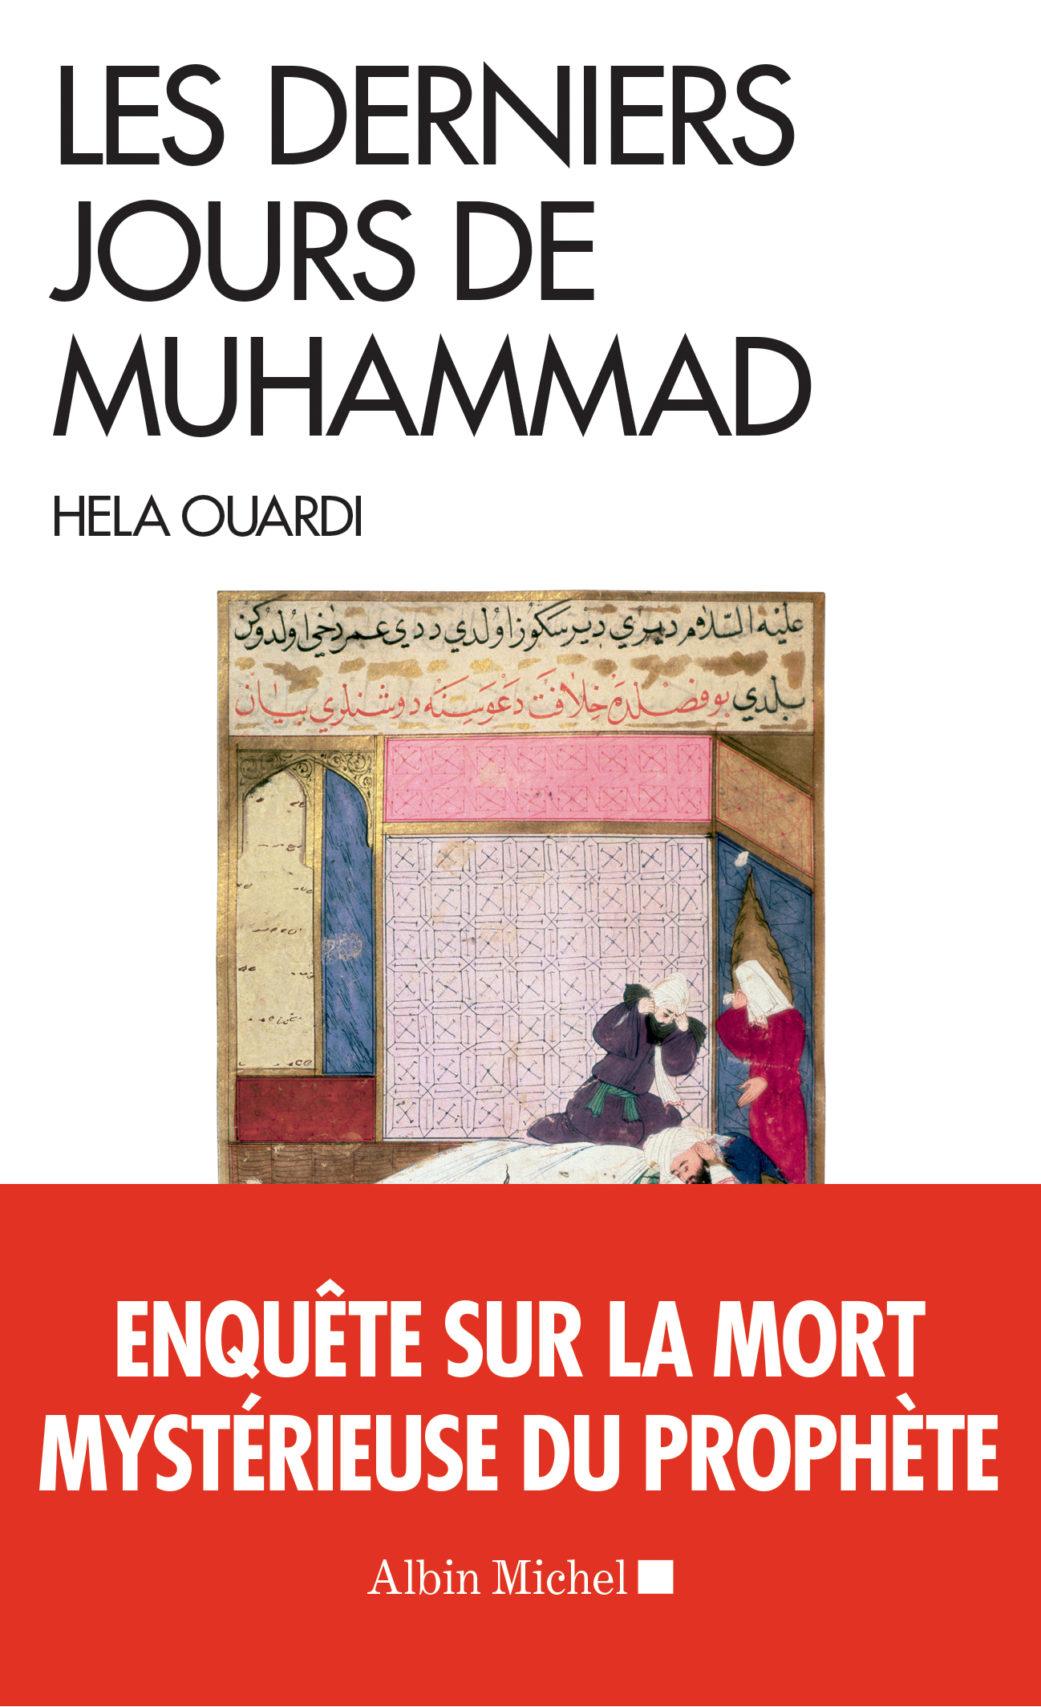 Les Derniers Jours de Muhammad by Hela Ouardi